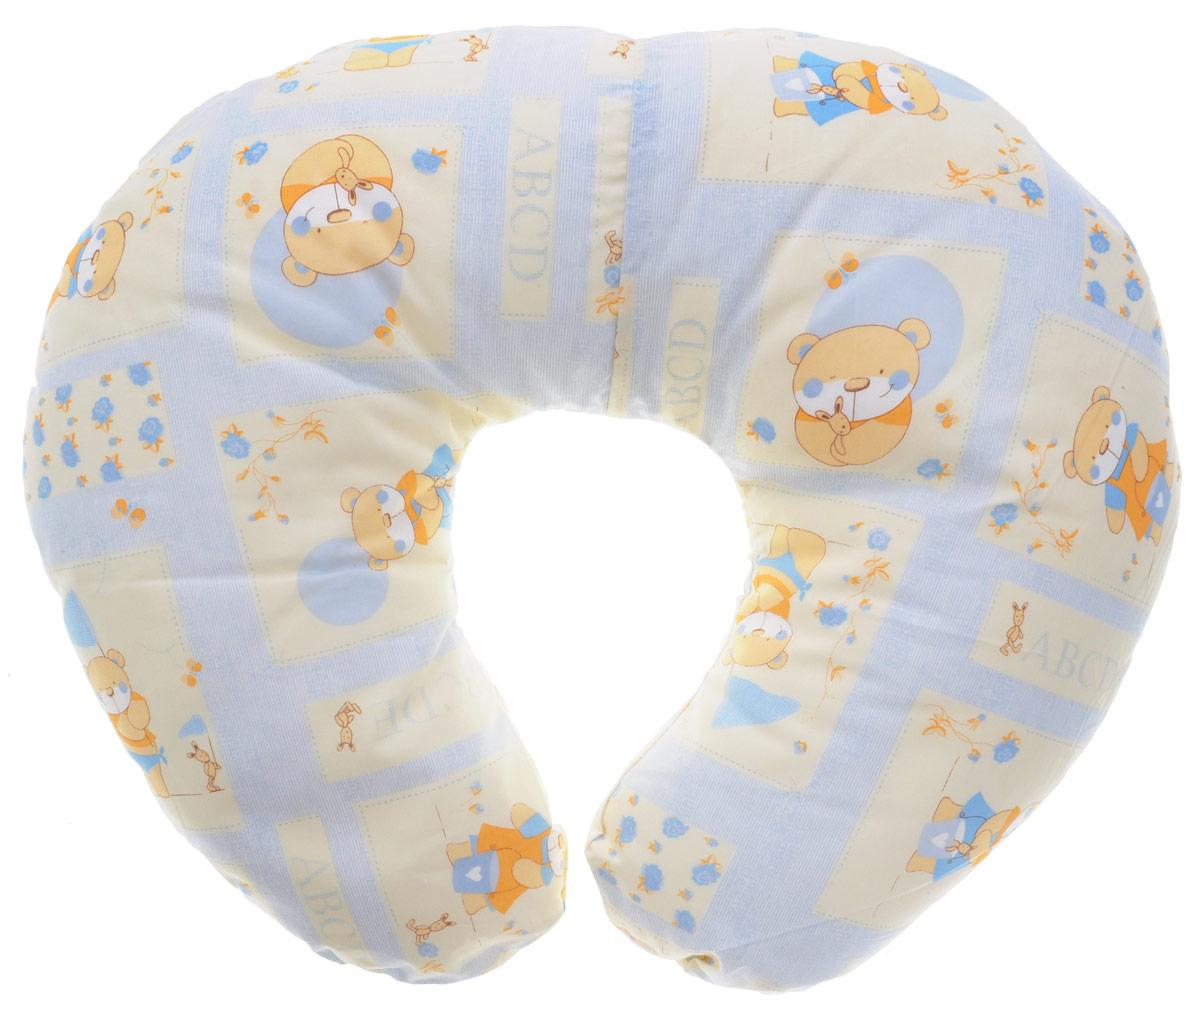 Plantex Подушка для кормящих и беременных мам Comfy Small Мишка цвет голубойRogalМногофункциональная подушка Plantex Comfy Small. Мишка идеальна для удобства ребенка и его родителей.Зачастую именно эта модель называется подушкой для беременных. Ведь она создана именно для будущих мам с учетом всех анатомических особенностей в этот период. На любом сроке беременности она бережно поддержит растущий животик и поможет сохранить комфортное и безопасное положение во время сна. Также подушка идеально подходит для кормления уже появившегося малыша. Позже многофункциональная подушка поможет ему сохранить равновесие при первых попытках сесть.Чехол подушки выполнен из 100% хлопка и снабжен застежкой-молнией, что позволяет без труда снять и постирать его. Наполнителем подушки служат полистироловые шарики - экологичные, не деформируются сами и хорошо сохраняют форму подушки.Подушка для кормящих и беременных мам Plantex Comfy Small. Мишка - это удобная и практичная вещь, которая прослужит вам долгое время.Подушка поставляется в сумке-чехле.При использовании рекомендуется следующий уход: наволочка - машинная стирка и глажение, подушка с наполнителем - ручная стирка.